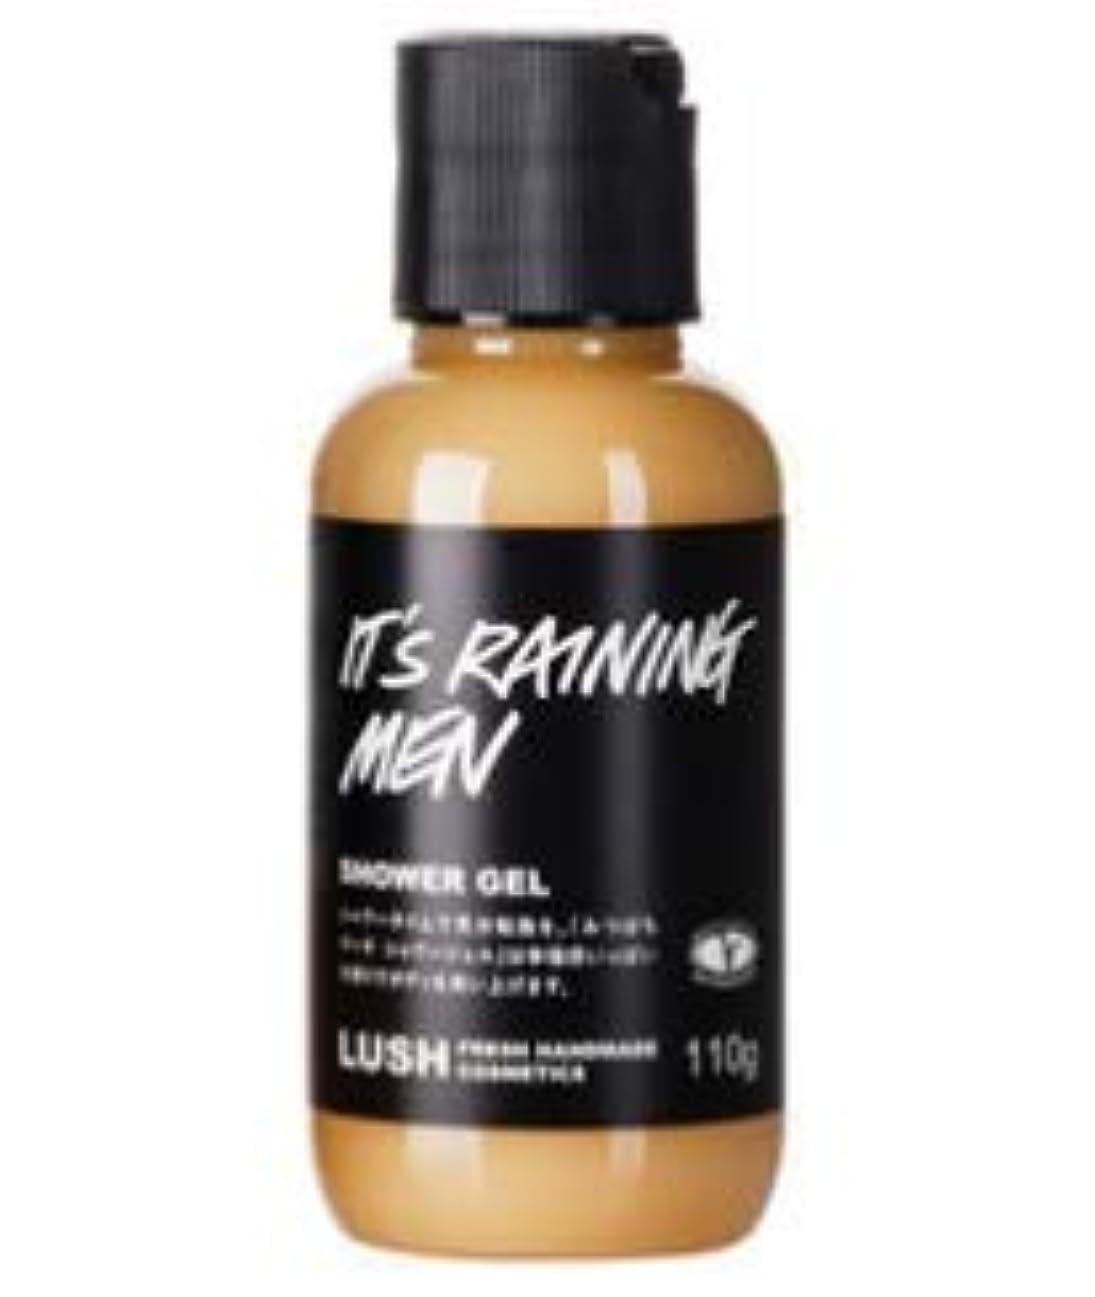 ボルト名前を作る下に向けますLUSH ラッシュ みつばちマーチ シャワージェル It's Raining Men 甘い香り 浴用化粧品 ボディソープ 自然派化粧品 天然成分 ベルガモット ハチミツ (110g)